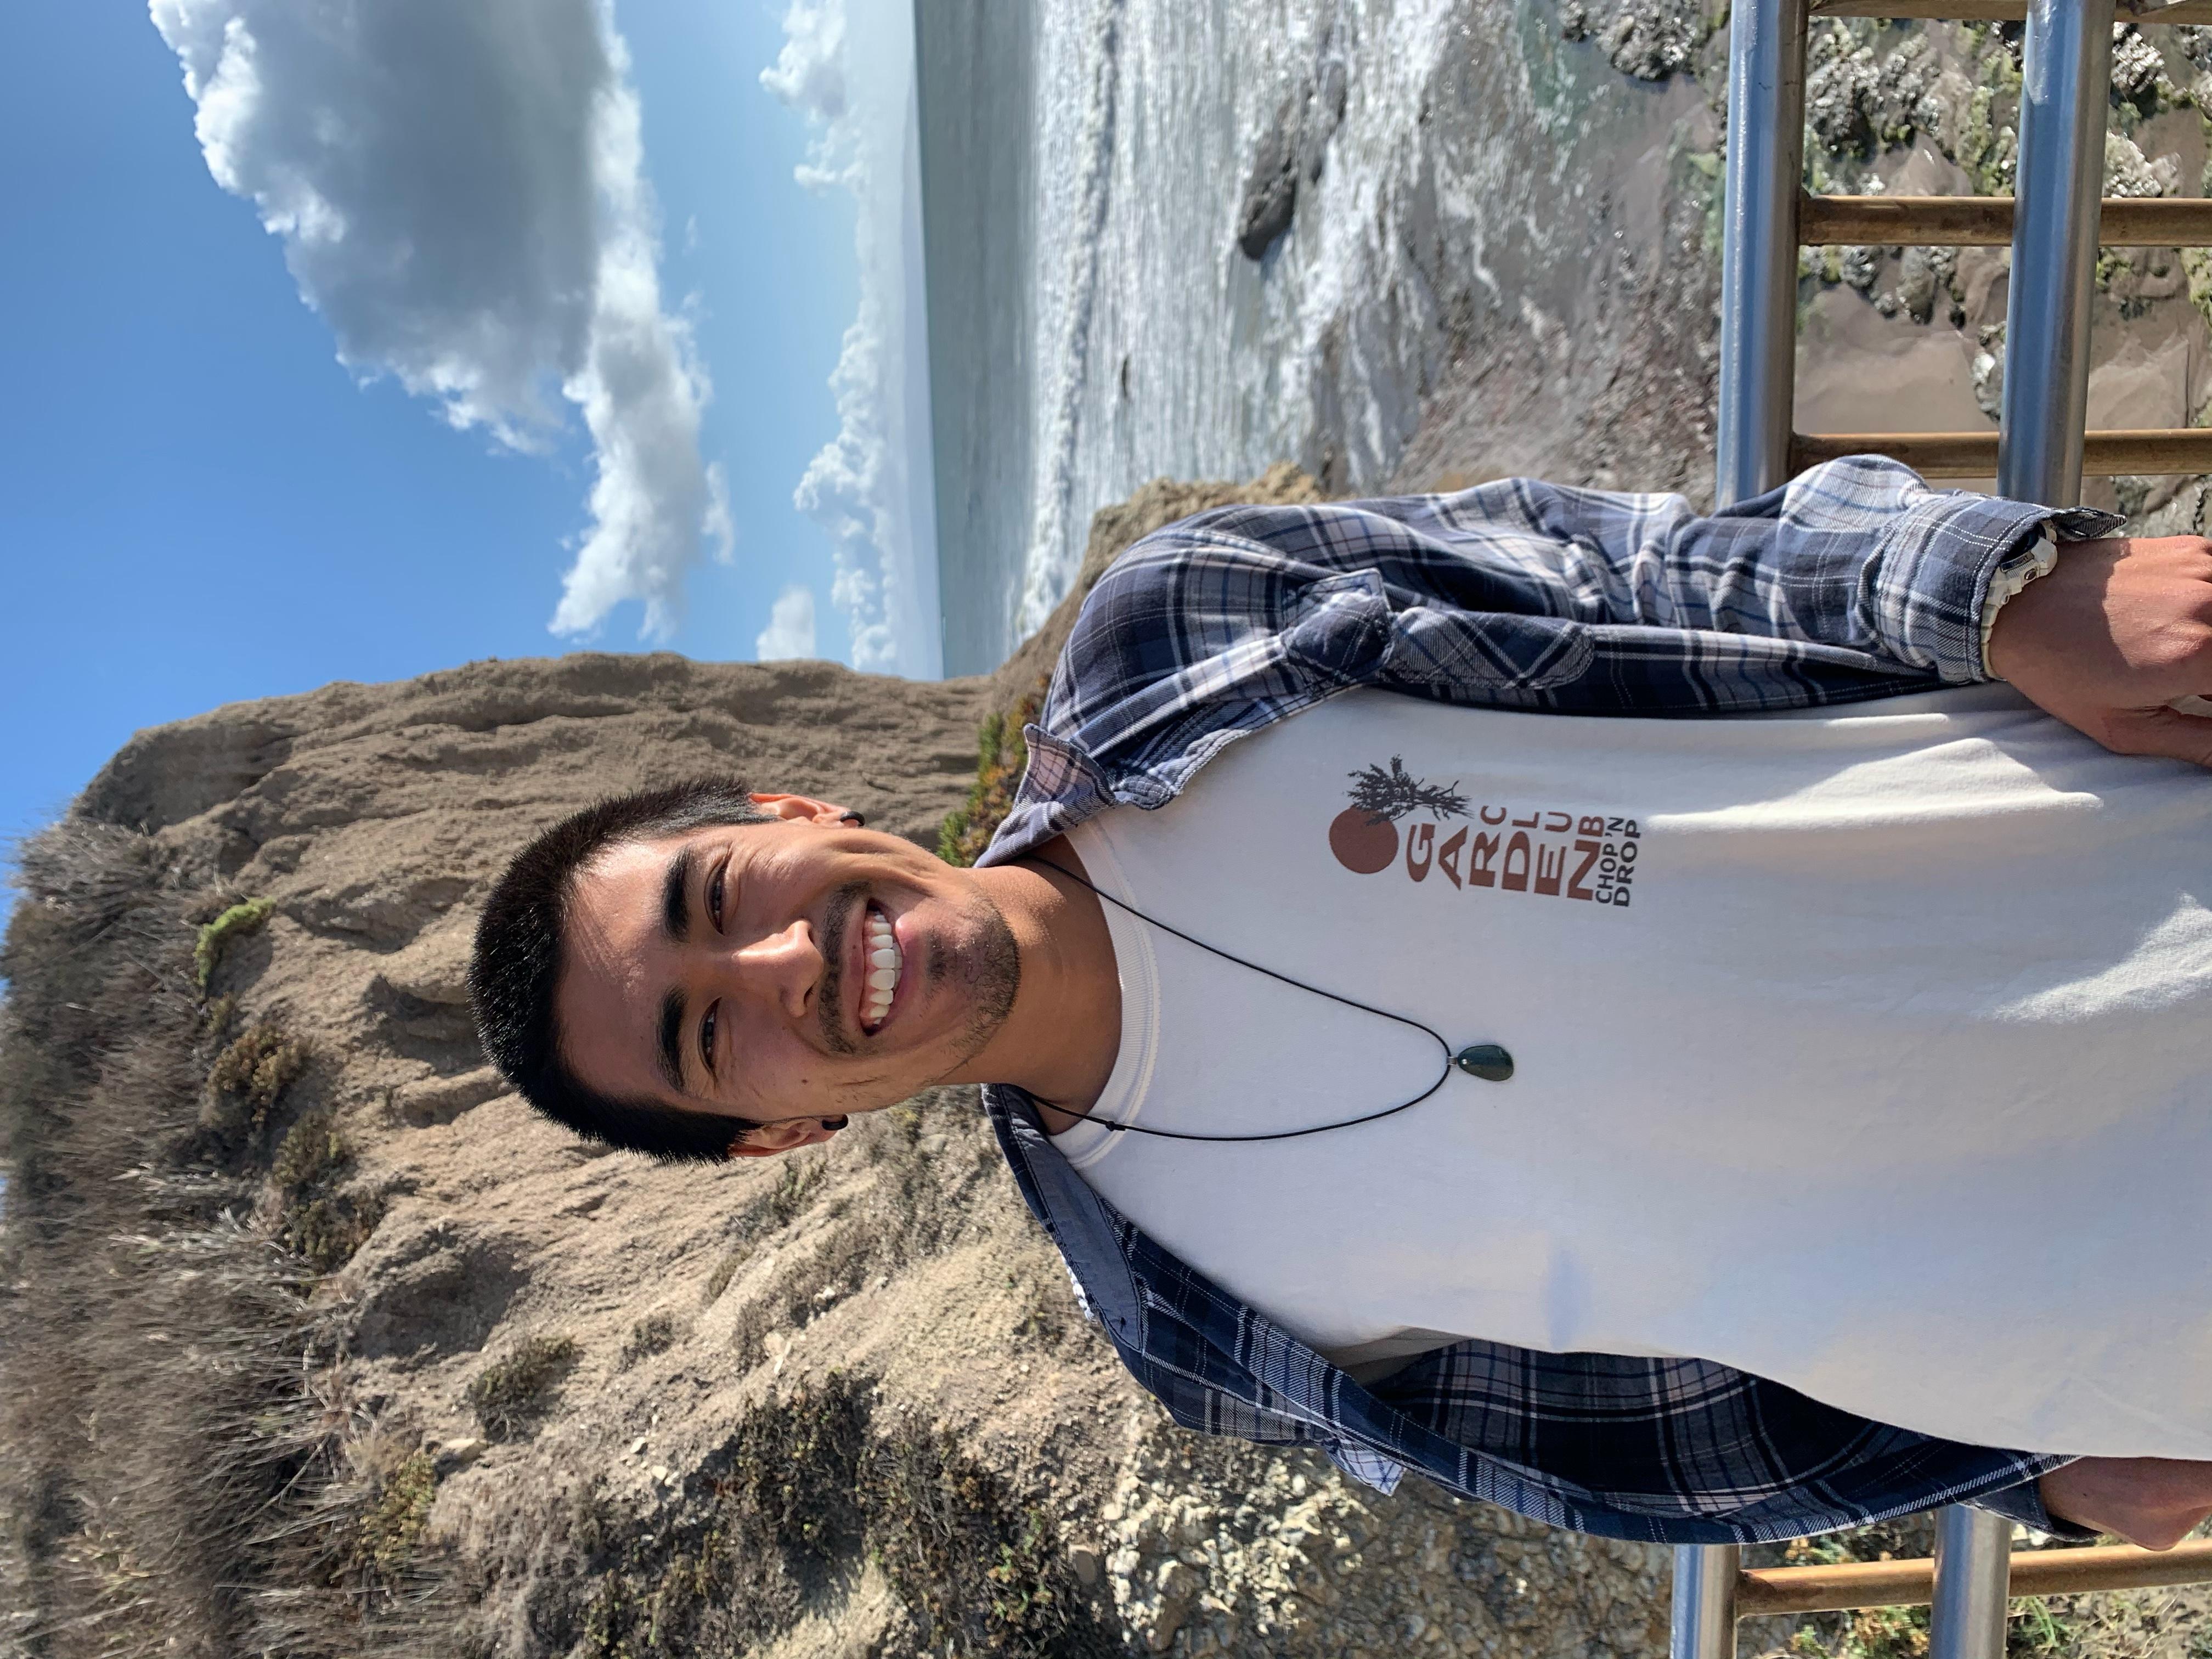 TSAC member Kaito Lopez